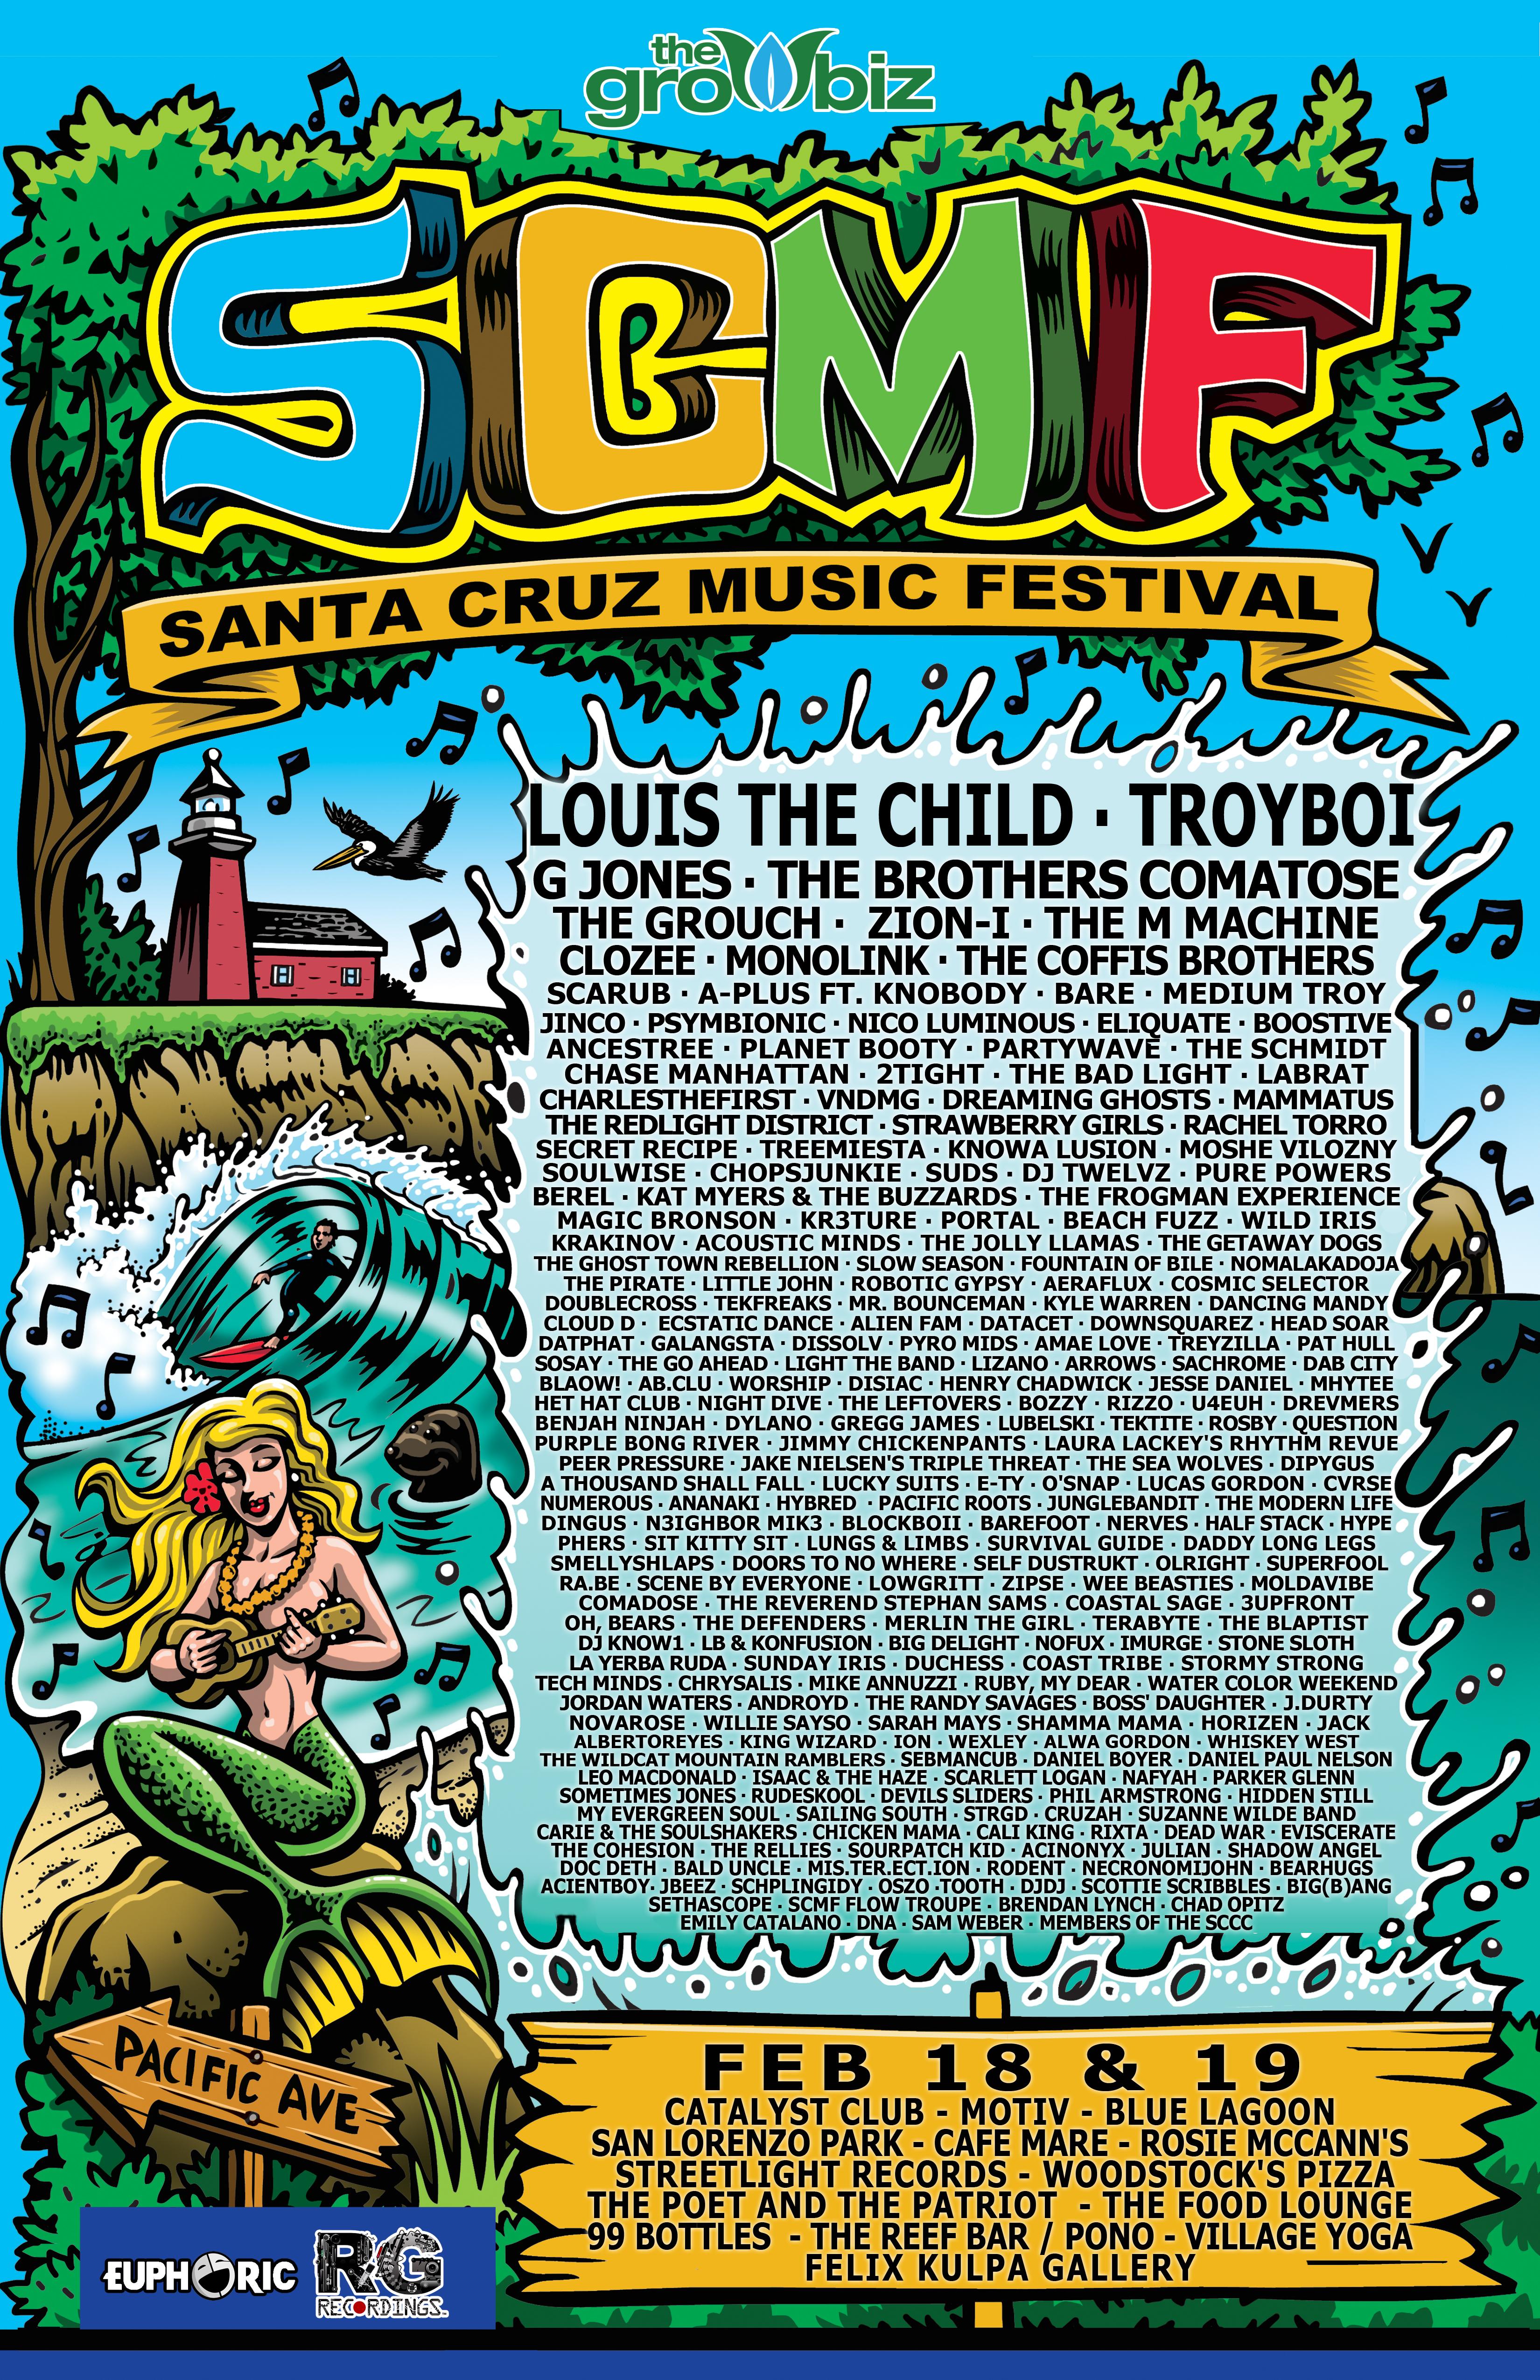 Santa Cruz Music Festival 2015